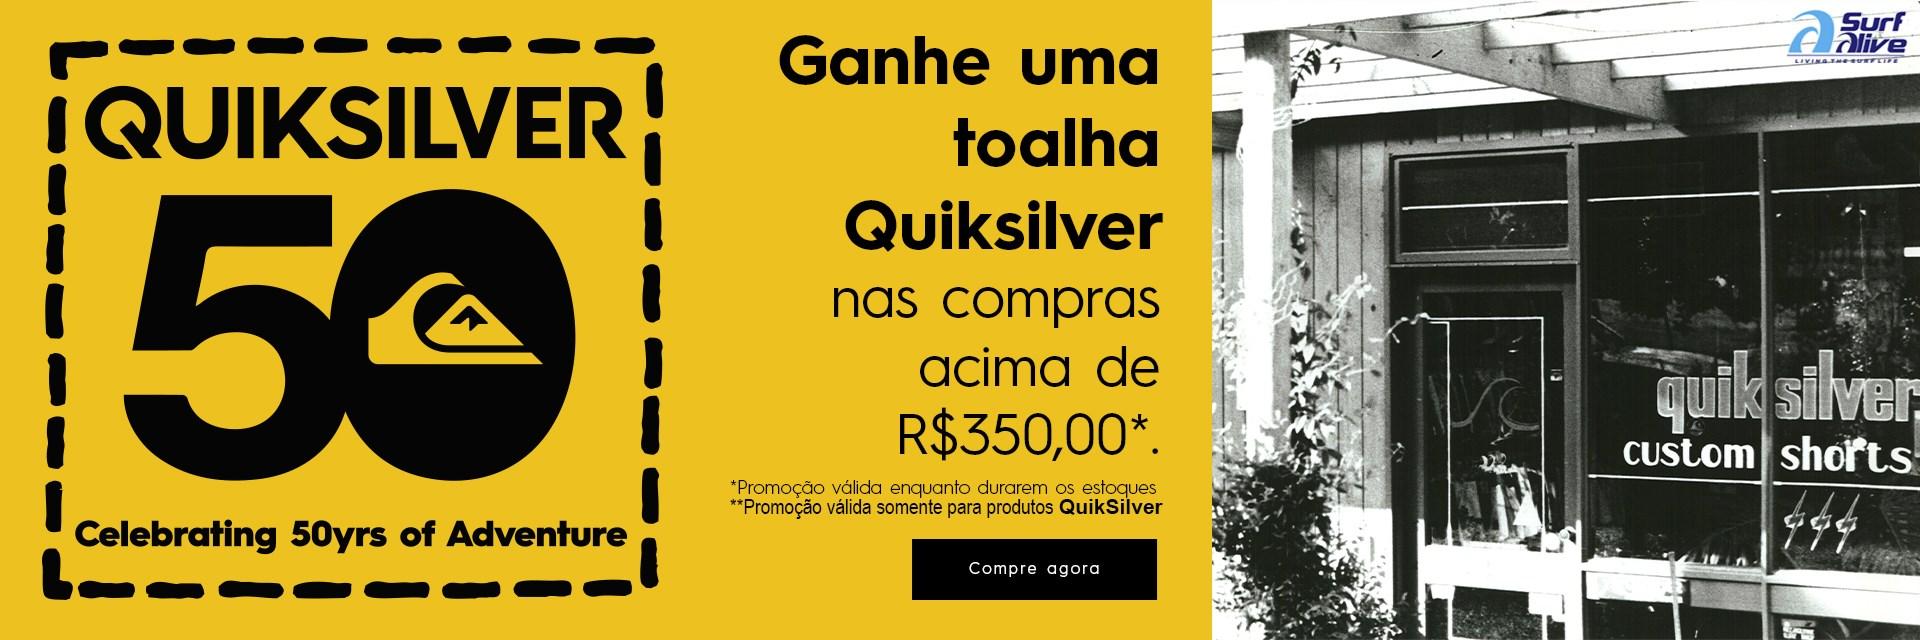 Compre 350,00 reais ou mais em produtos QuikSilver e ganhe uma toalha exclusiva.